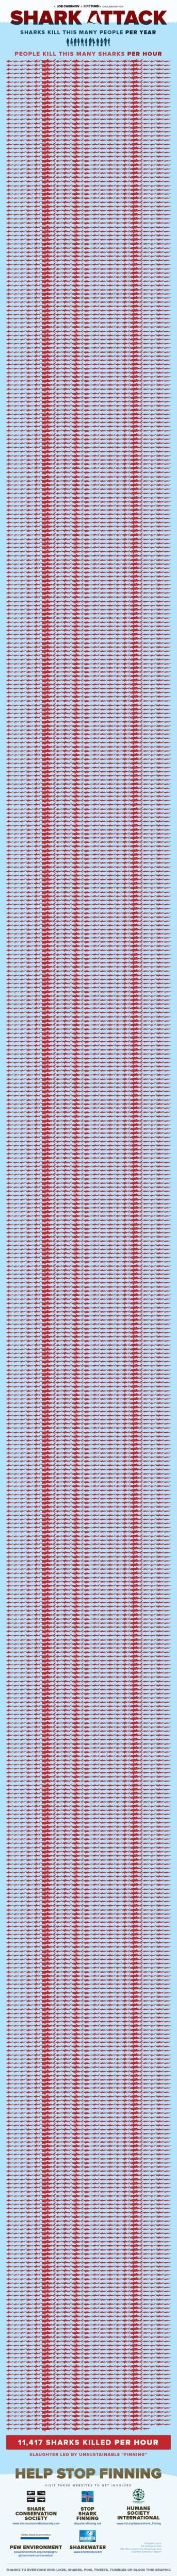 Počet lidí, které zabije žralok - infografika